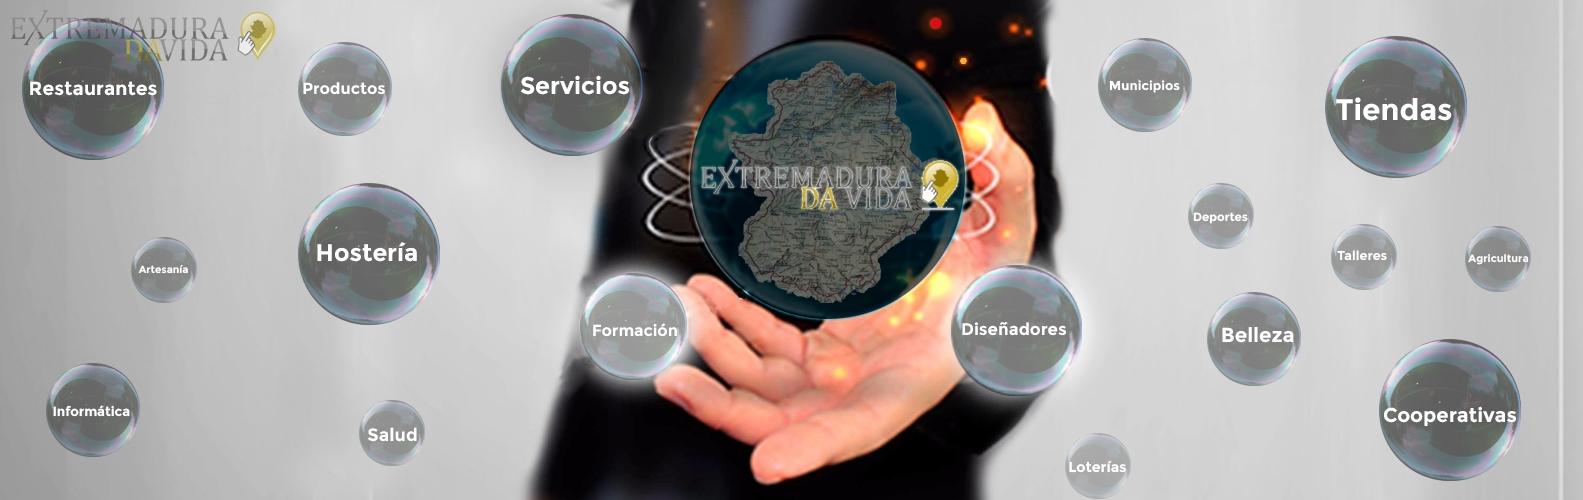 CAMBIO ENERGETICO EXTREMADURA (1)